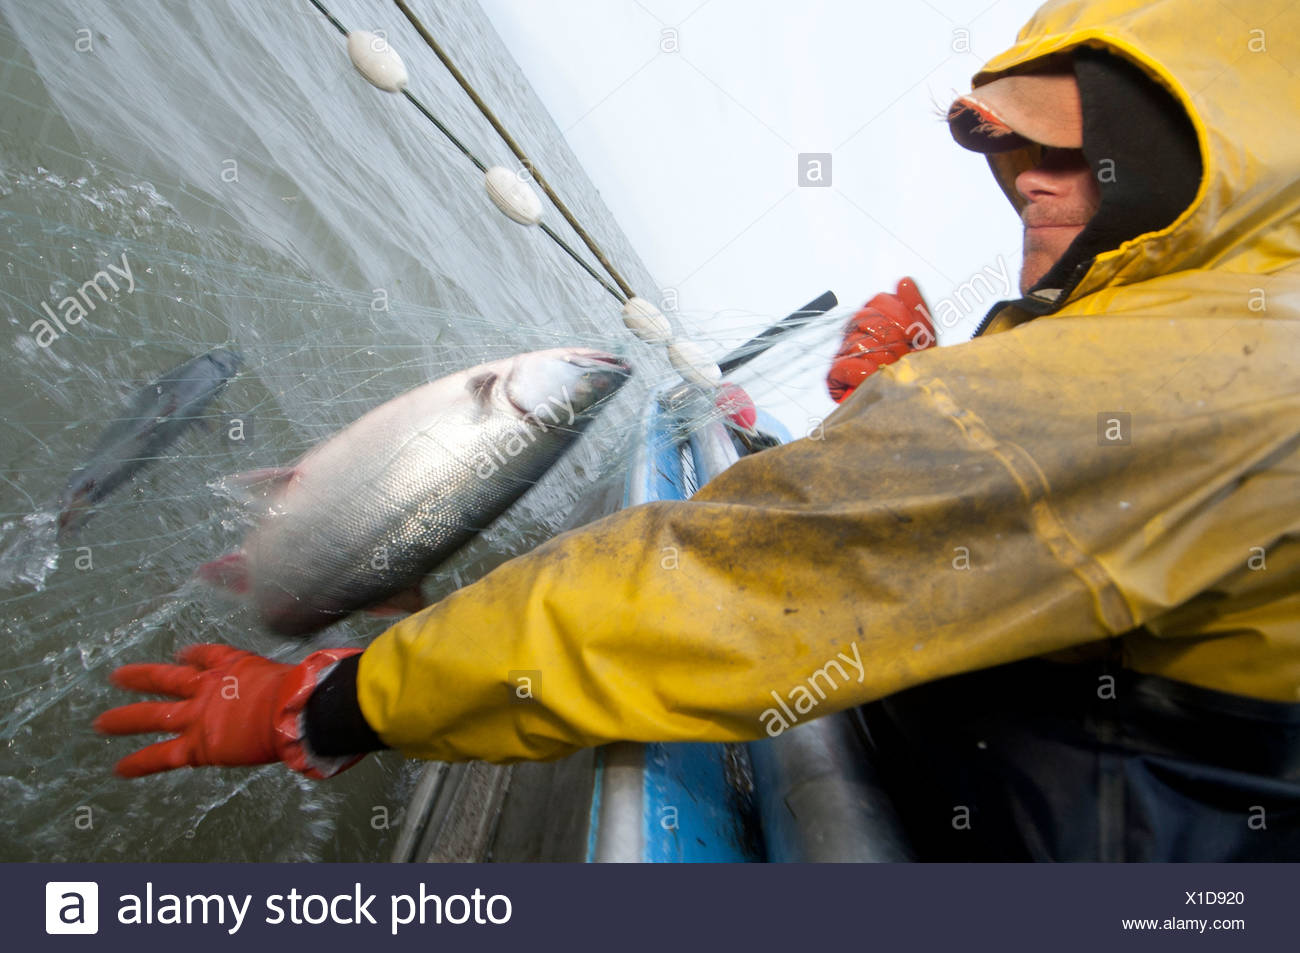 Pescador comercial recoge un conjunto de salmones sockeye neto en el río Naknek, Bristol Bay, Alaska, Verano Imagen De Stock